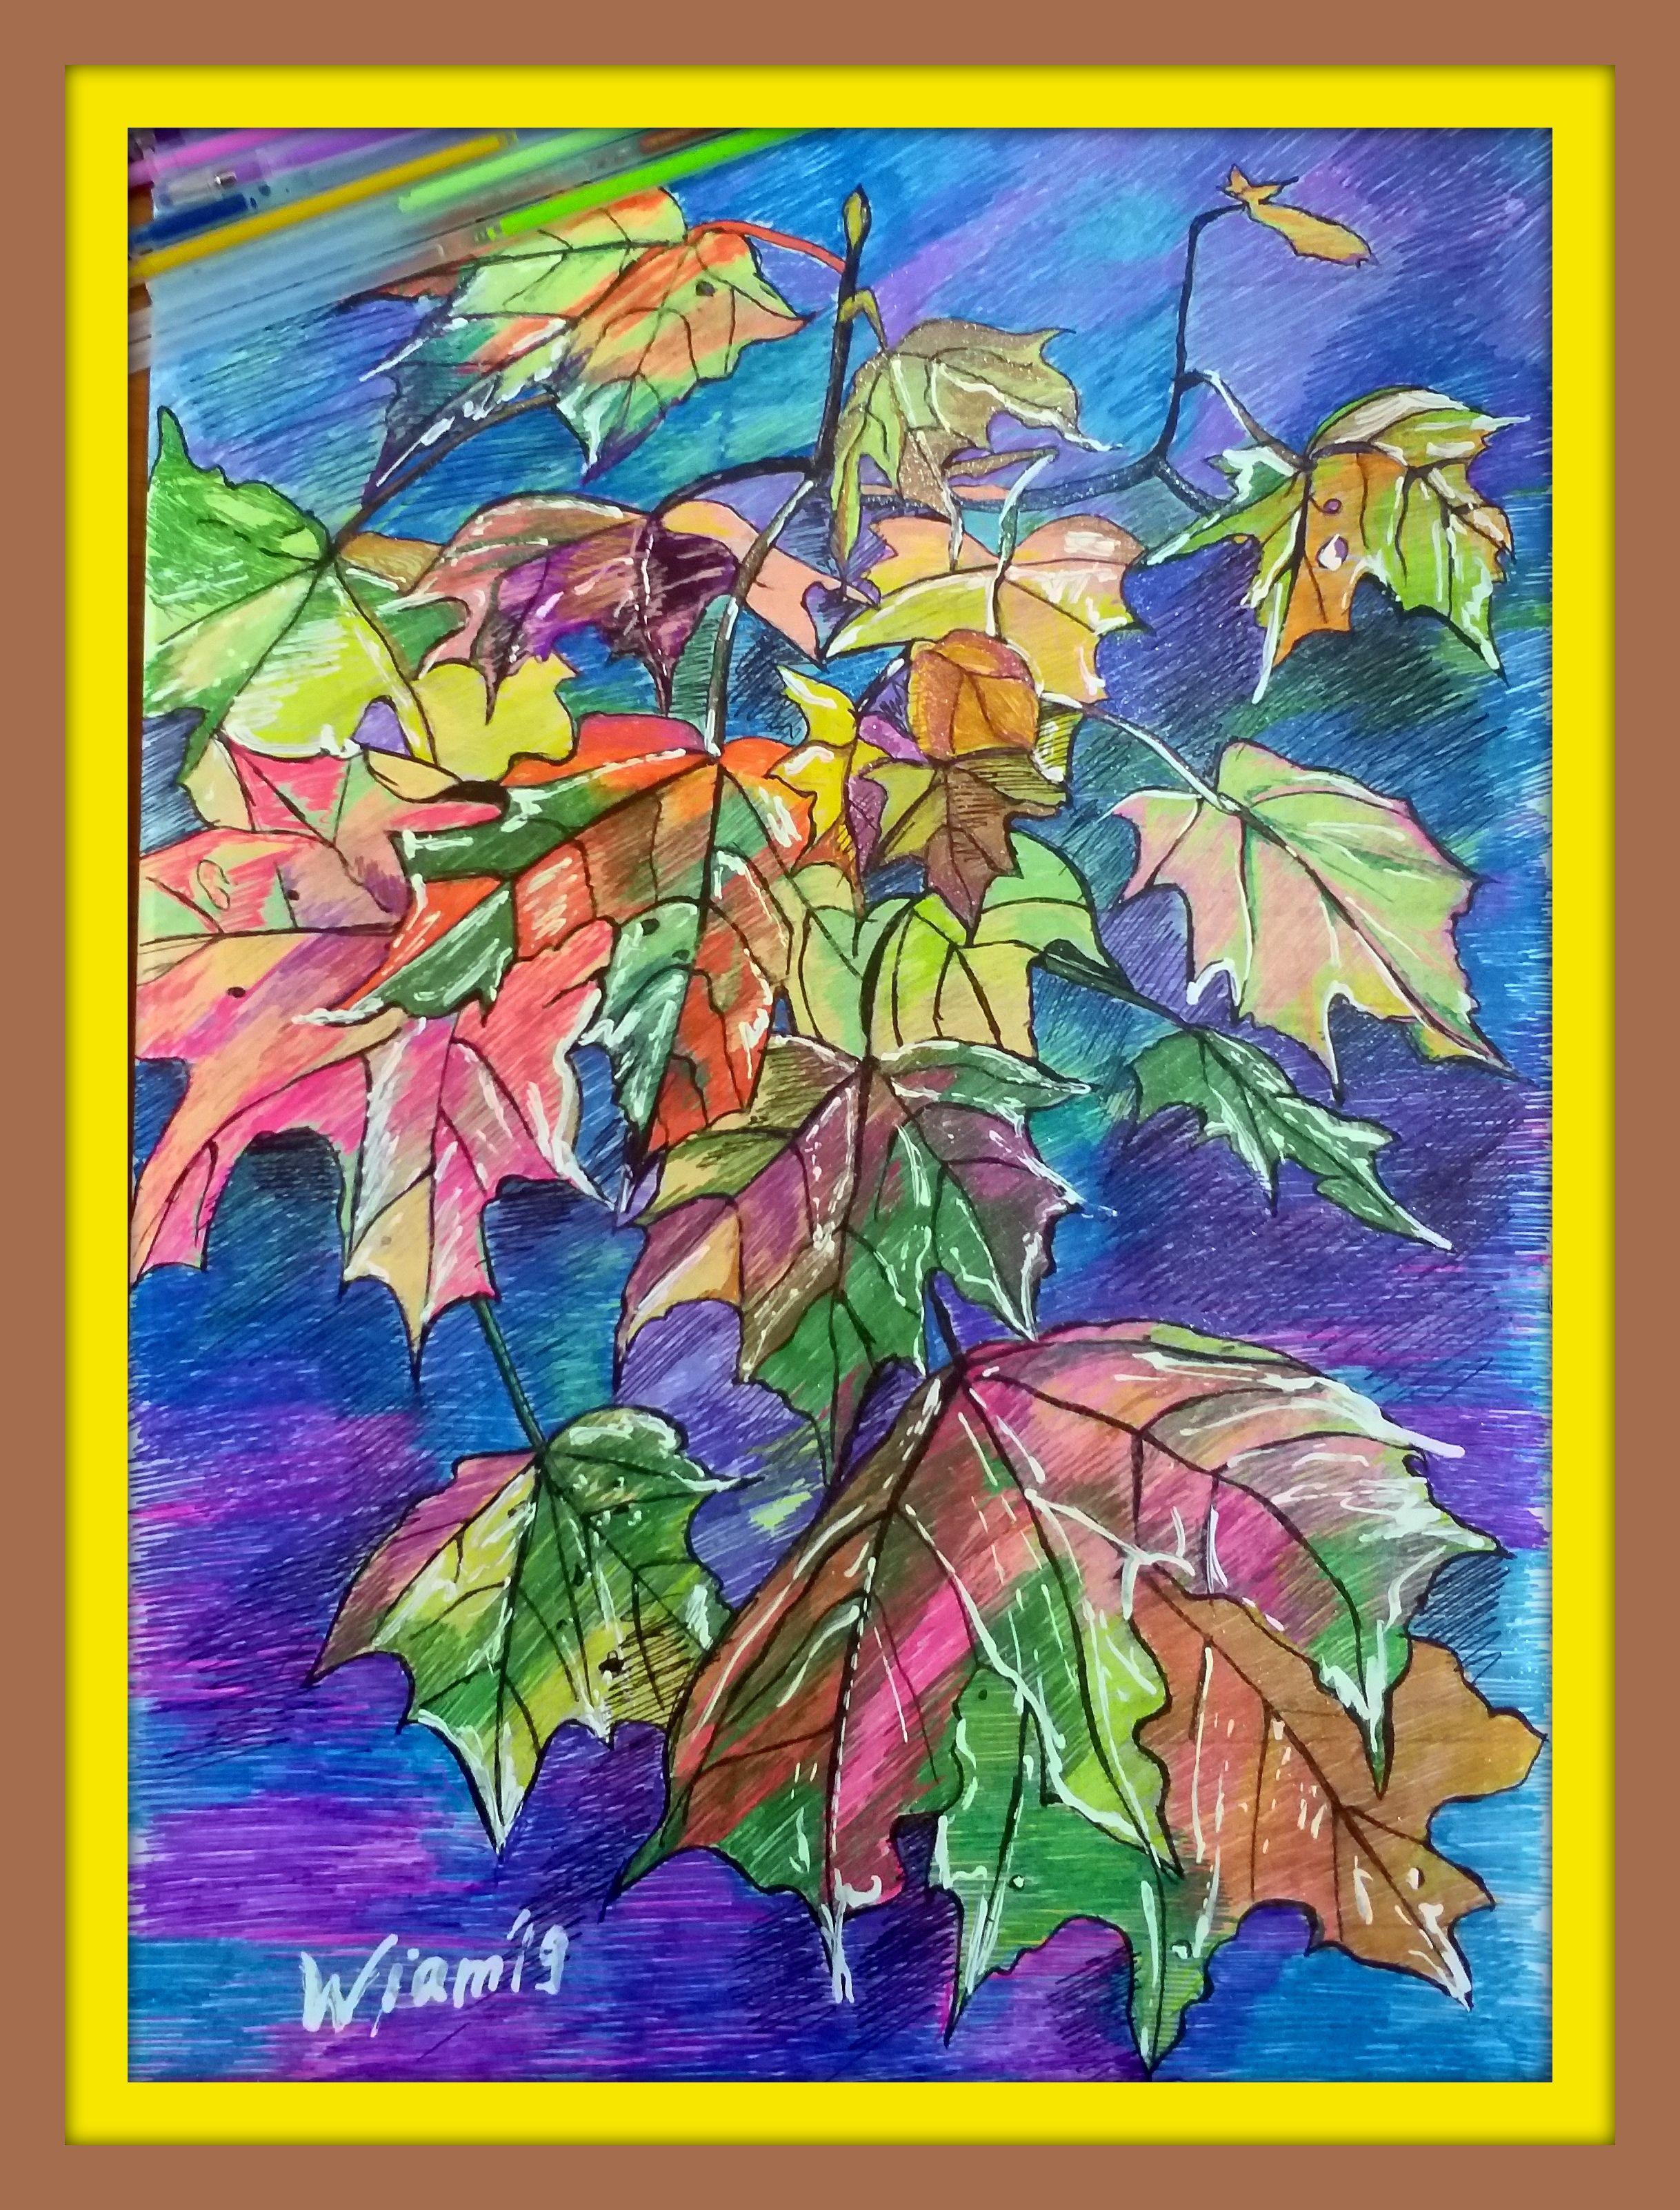 ручки деревья рисунок гелевые клен цветные